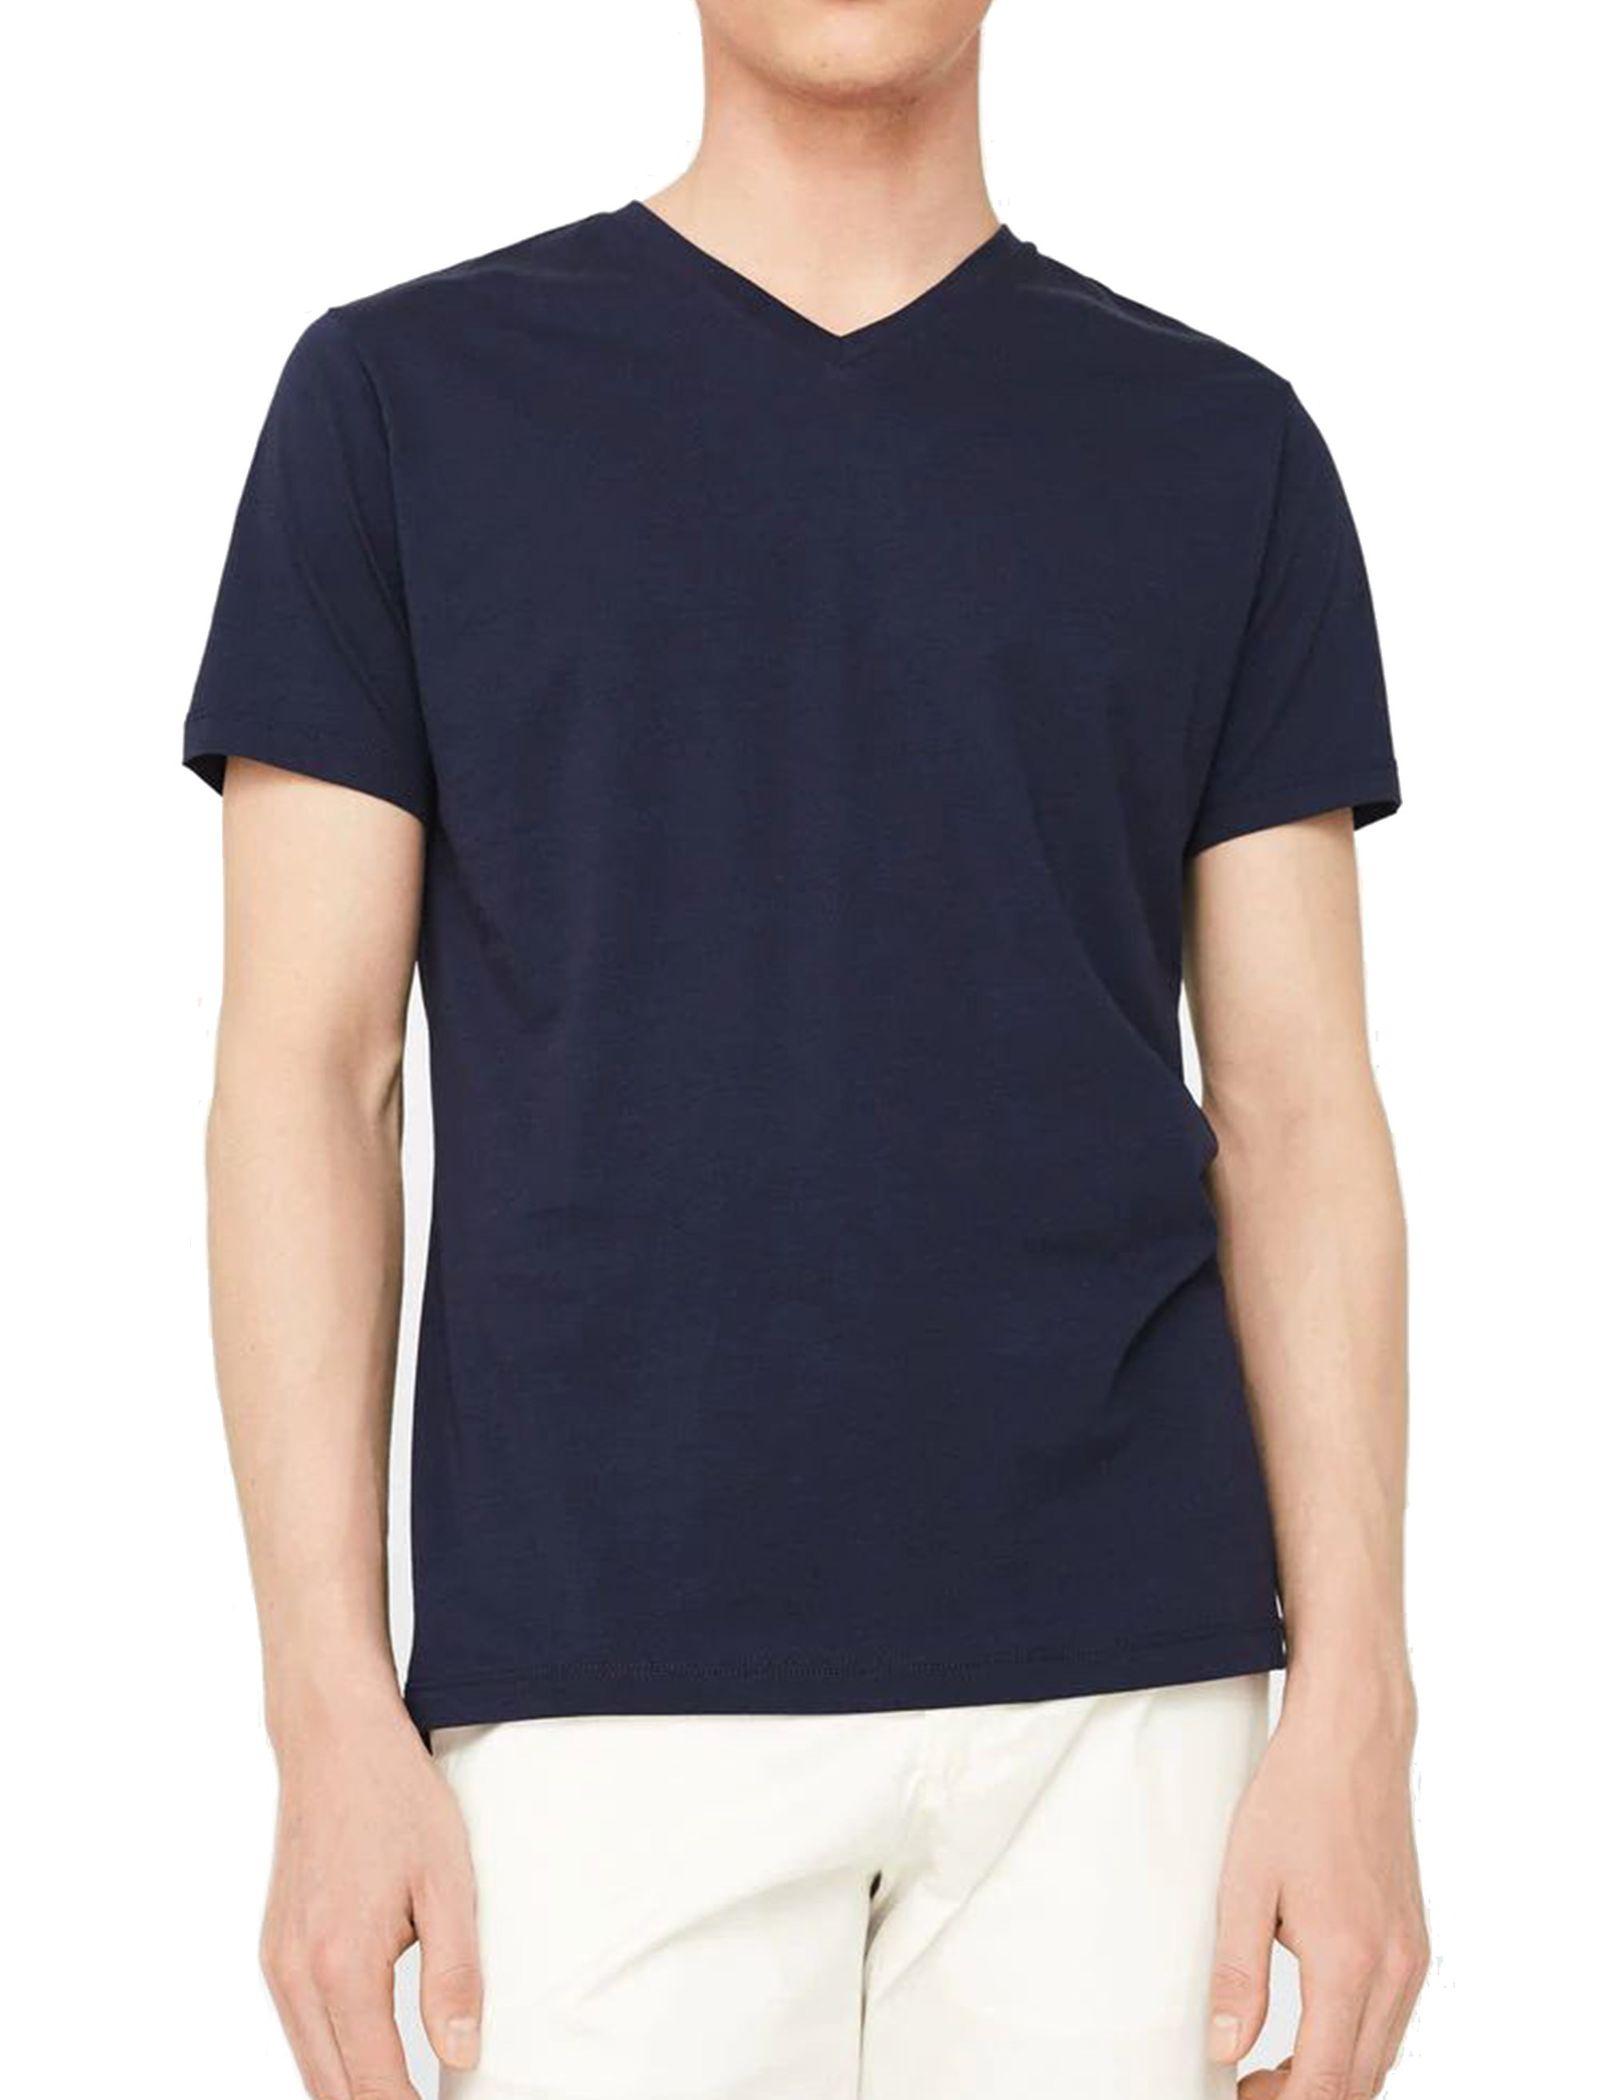 تی شرت نخی یقه هفت مردانه - مانگو - سرمه اي - 1